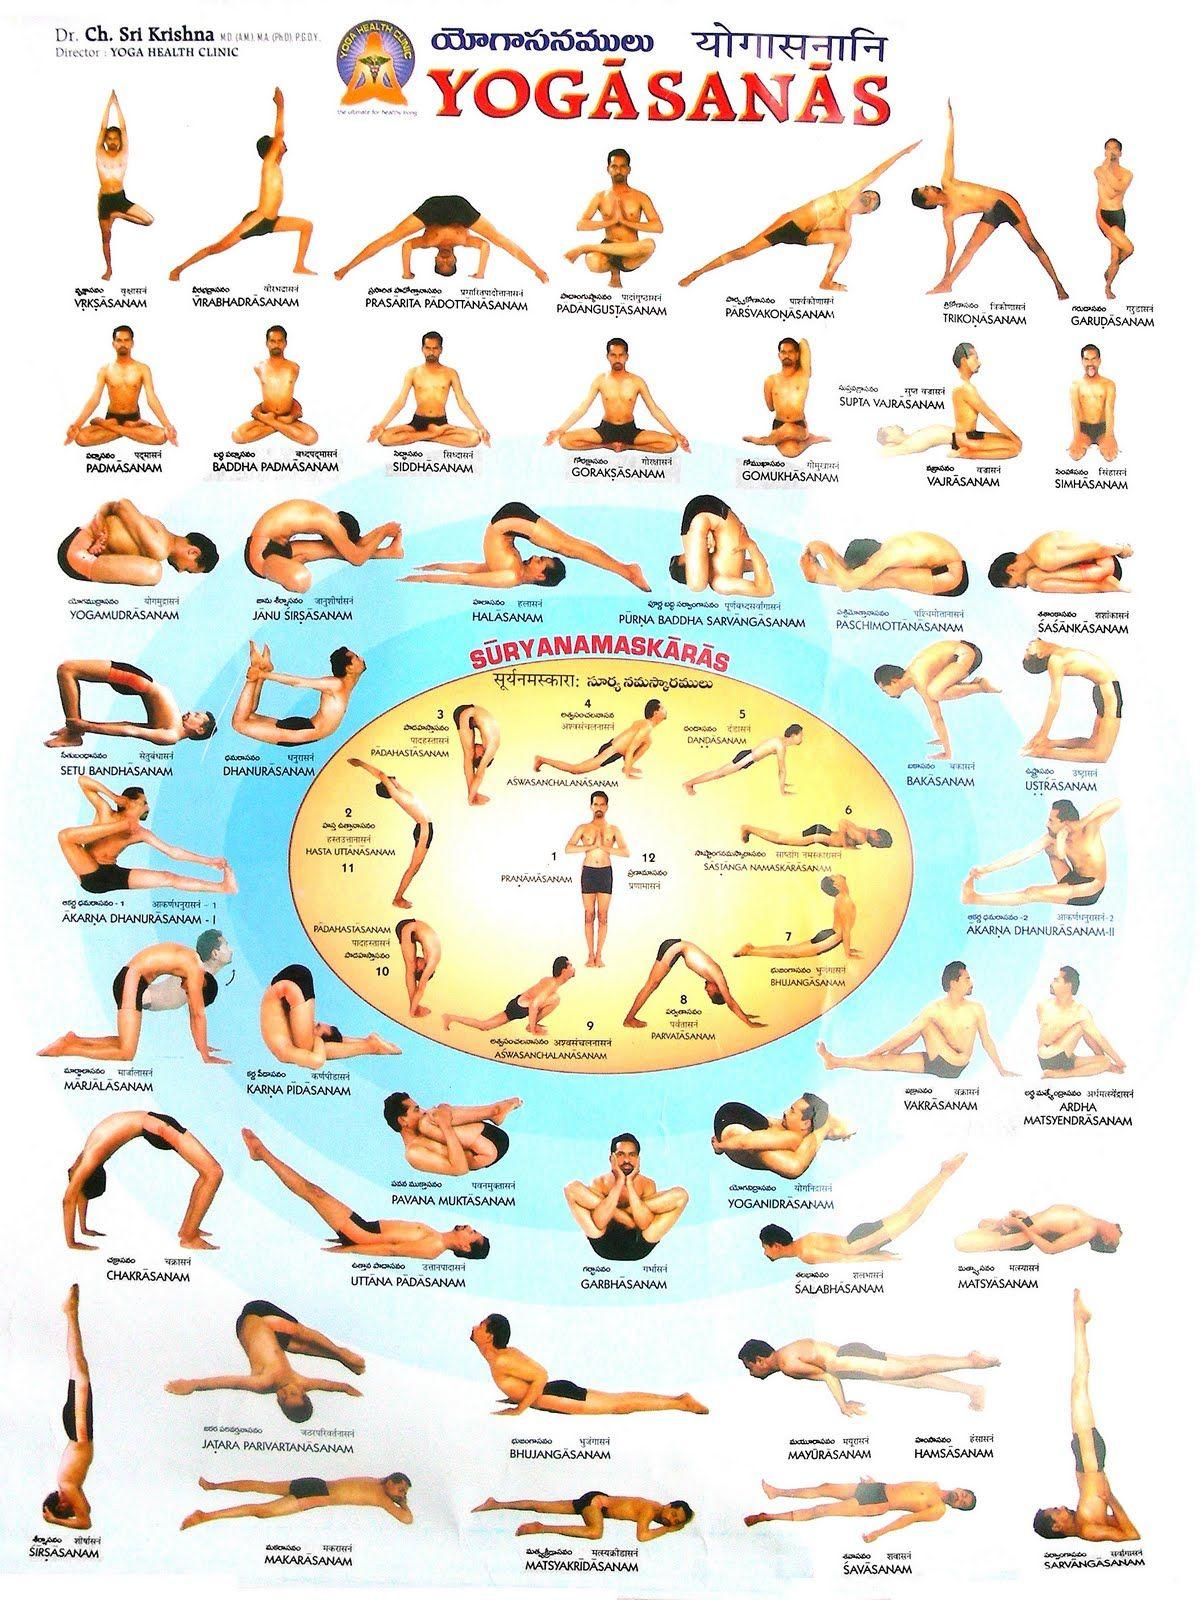 Casa de yoga manual de asanas posturas yoga pinterest yoga ejercicios y meditaci n - Ejercicios yoga en casa ...